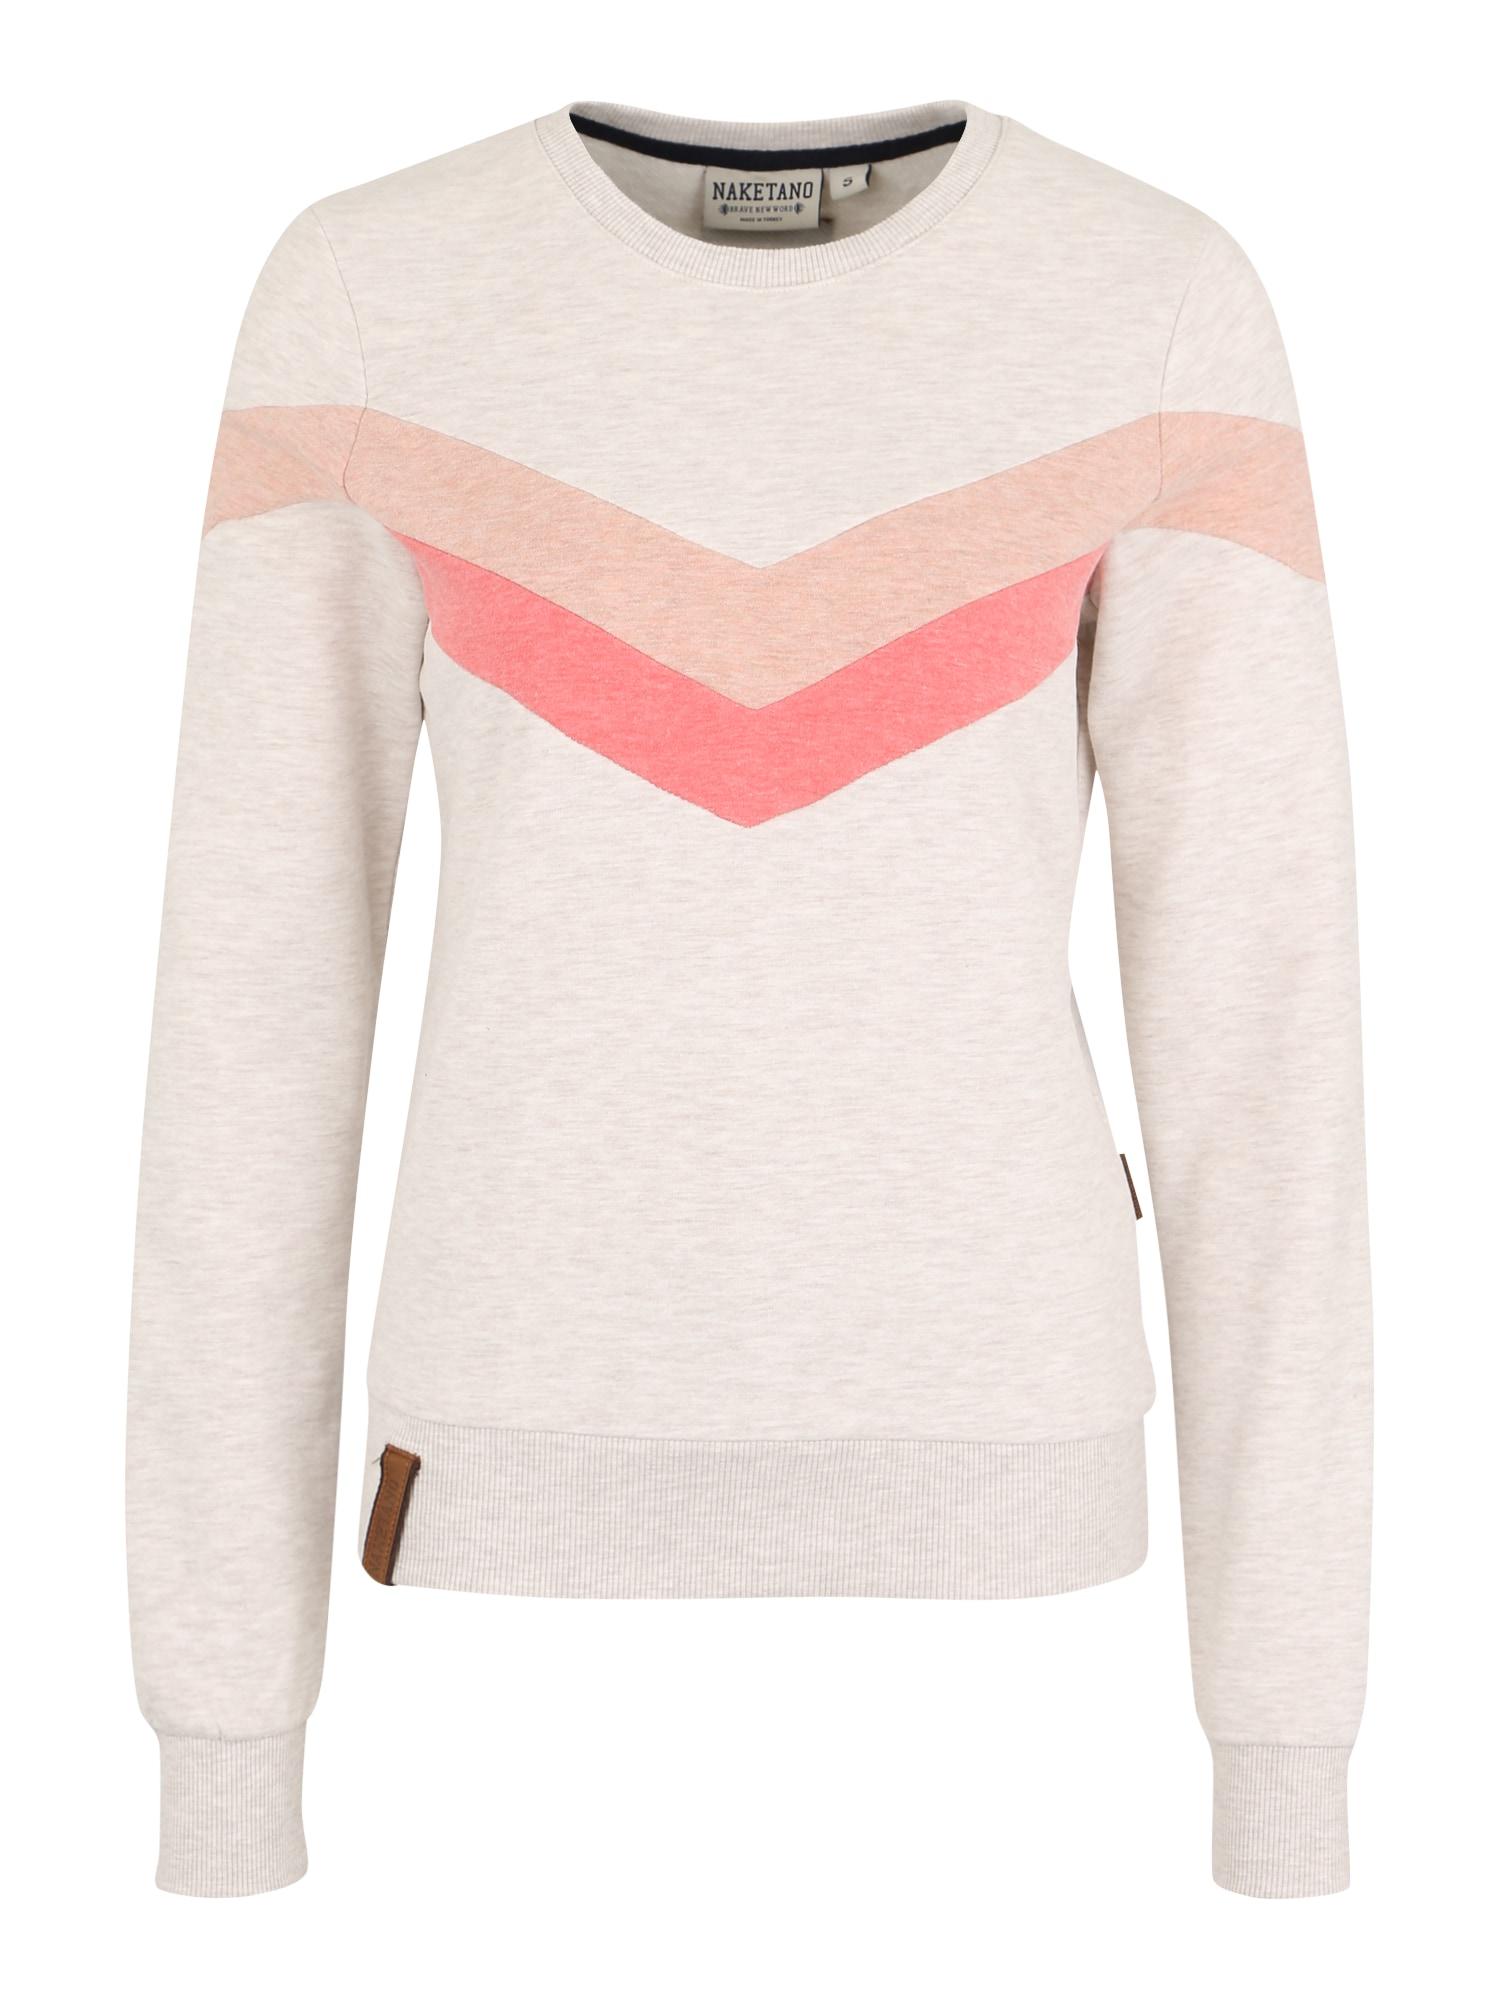 Naketano, Dames Sweatshirt 'Immer diese satzbau', zalm roze / wit gemleerd